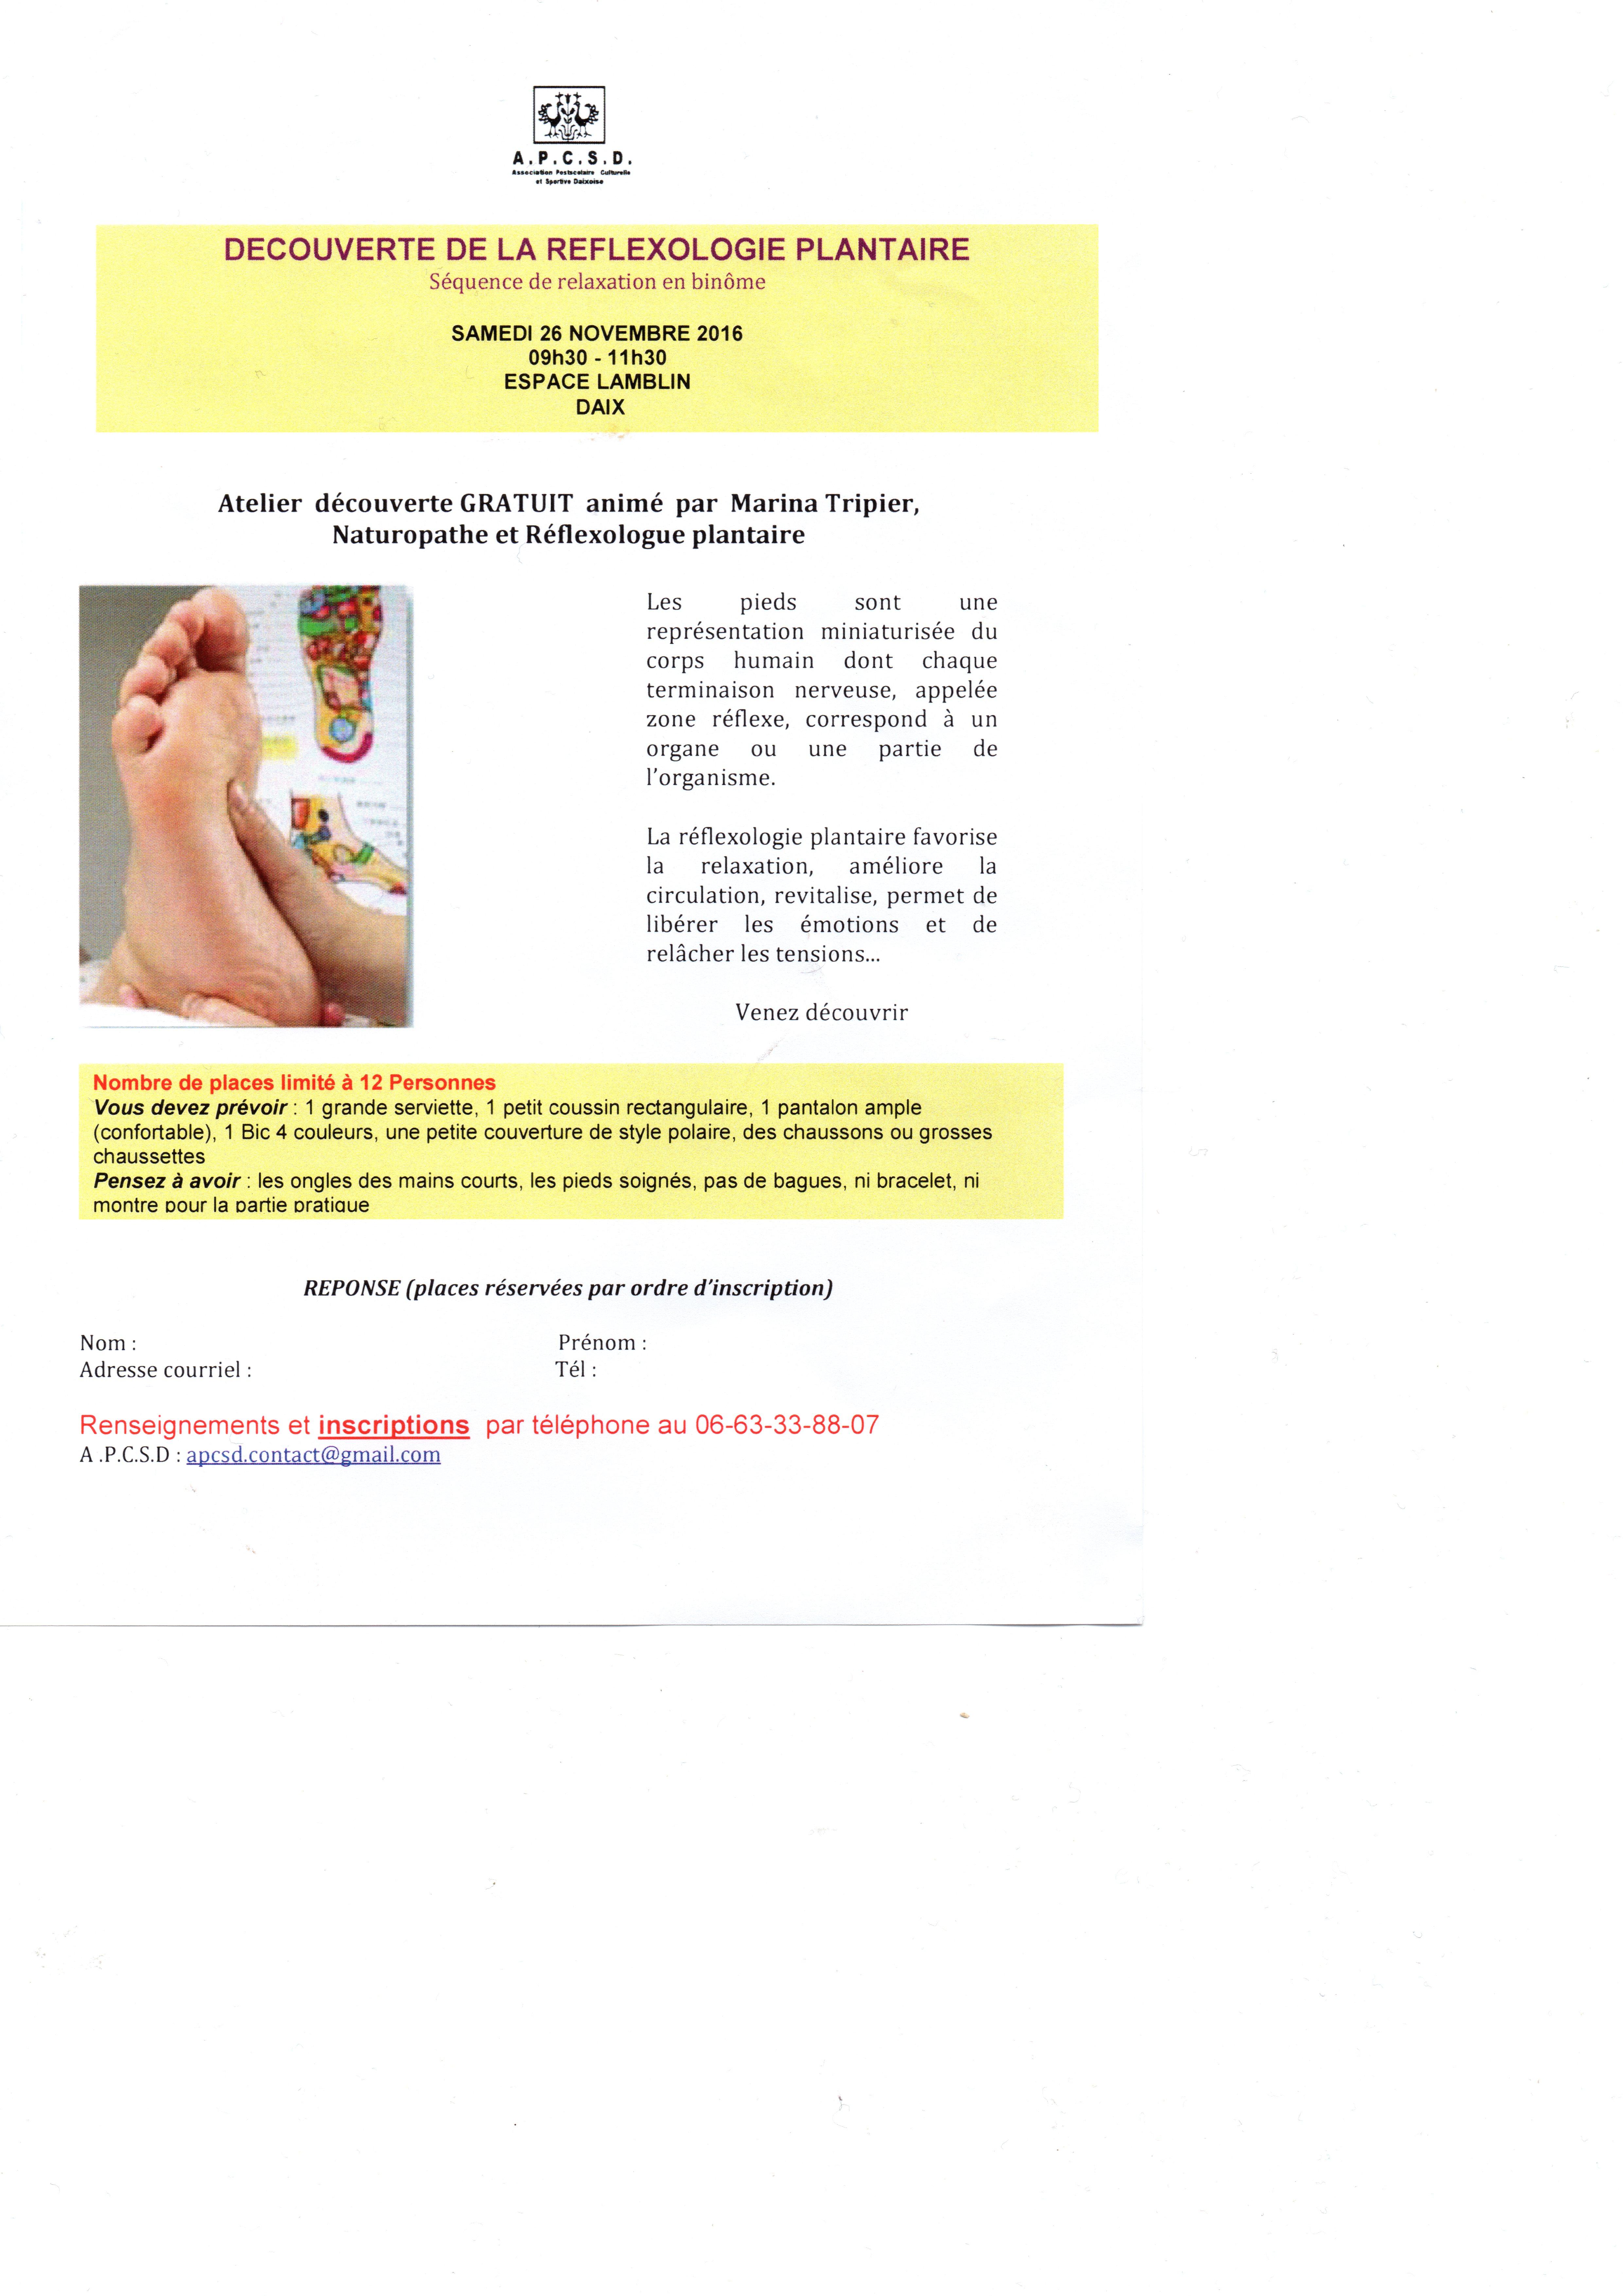 Découverte de la reflexologie plantaire dans Evenements reflexologie001